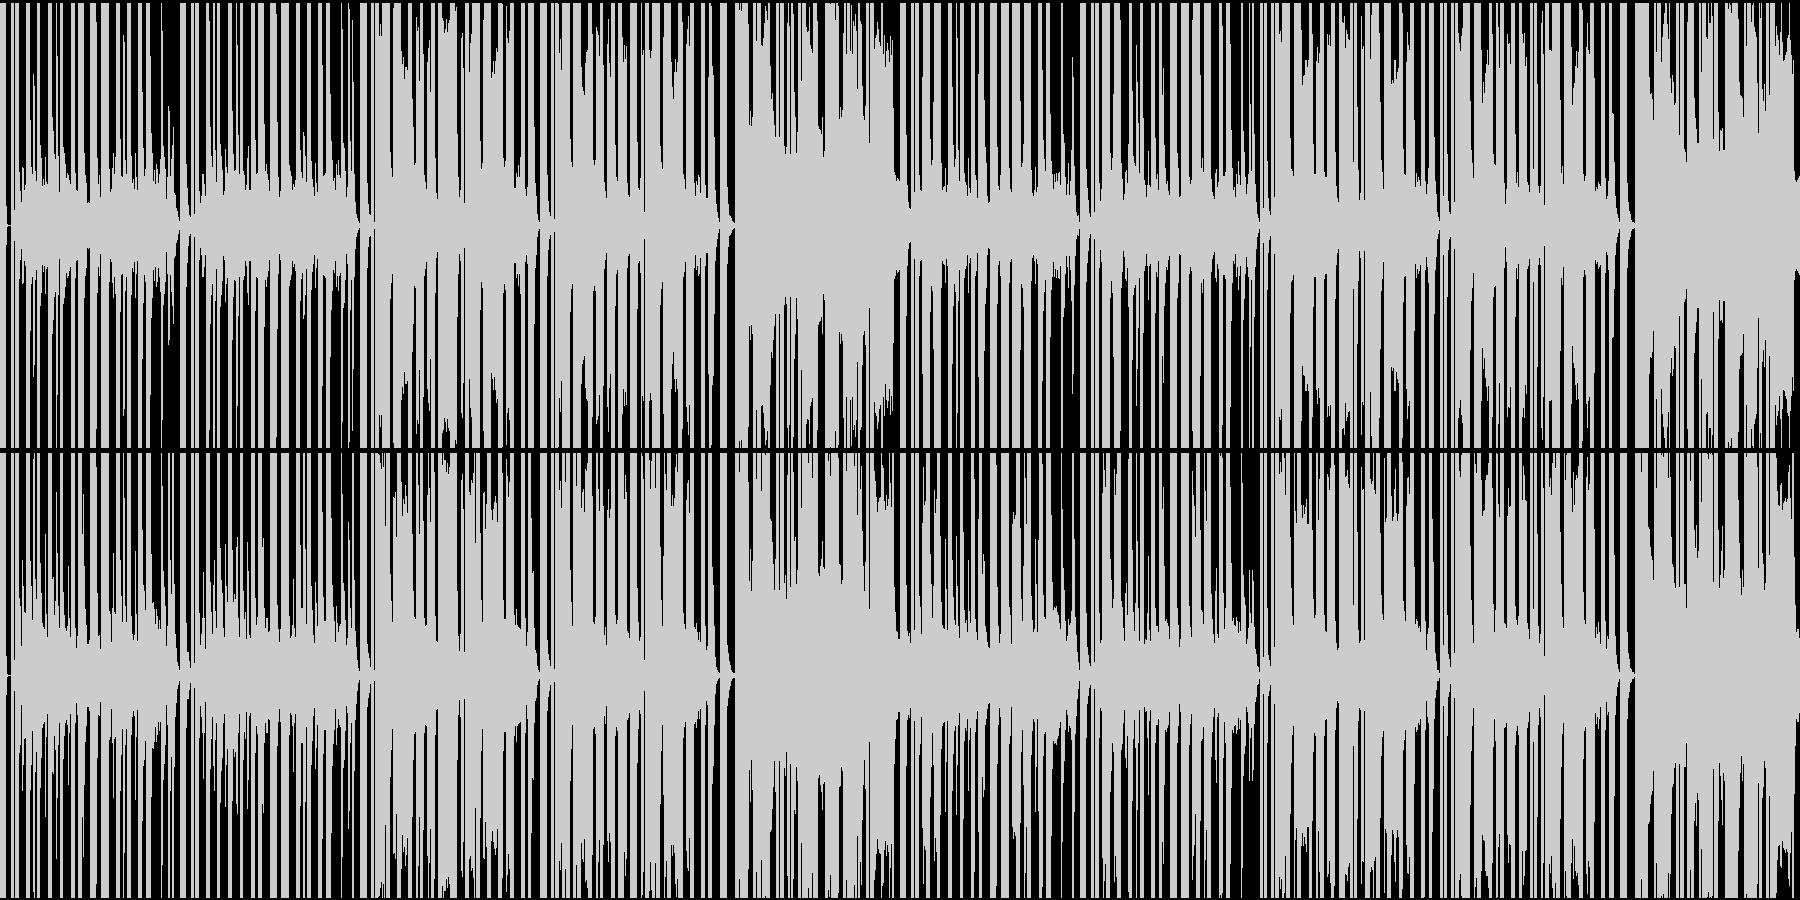 ドット系ゲームに最適な8bitBGMの未再生の波形